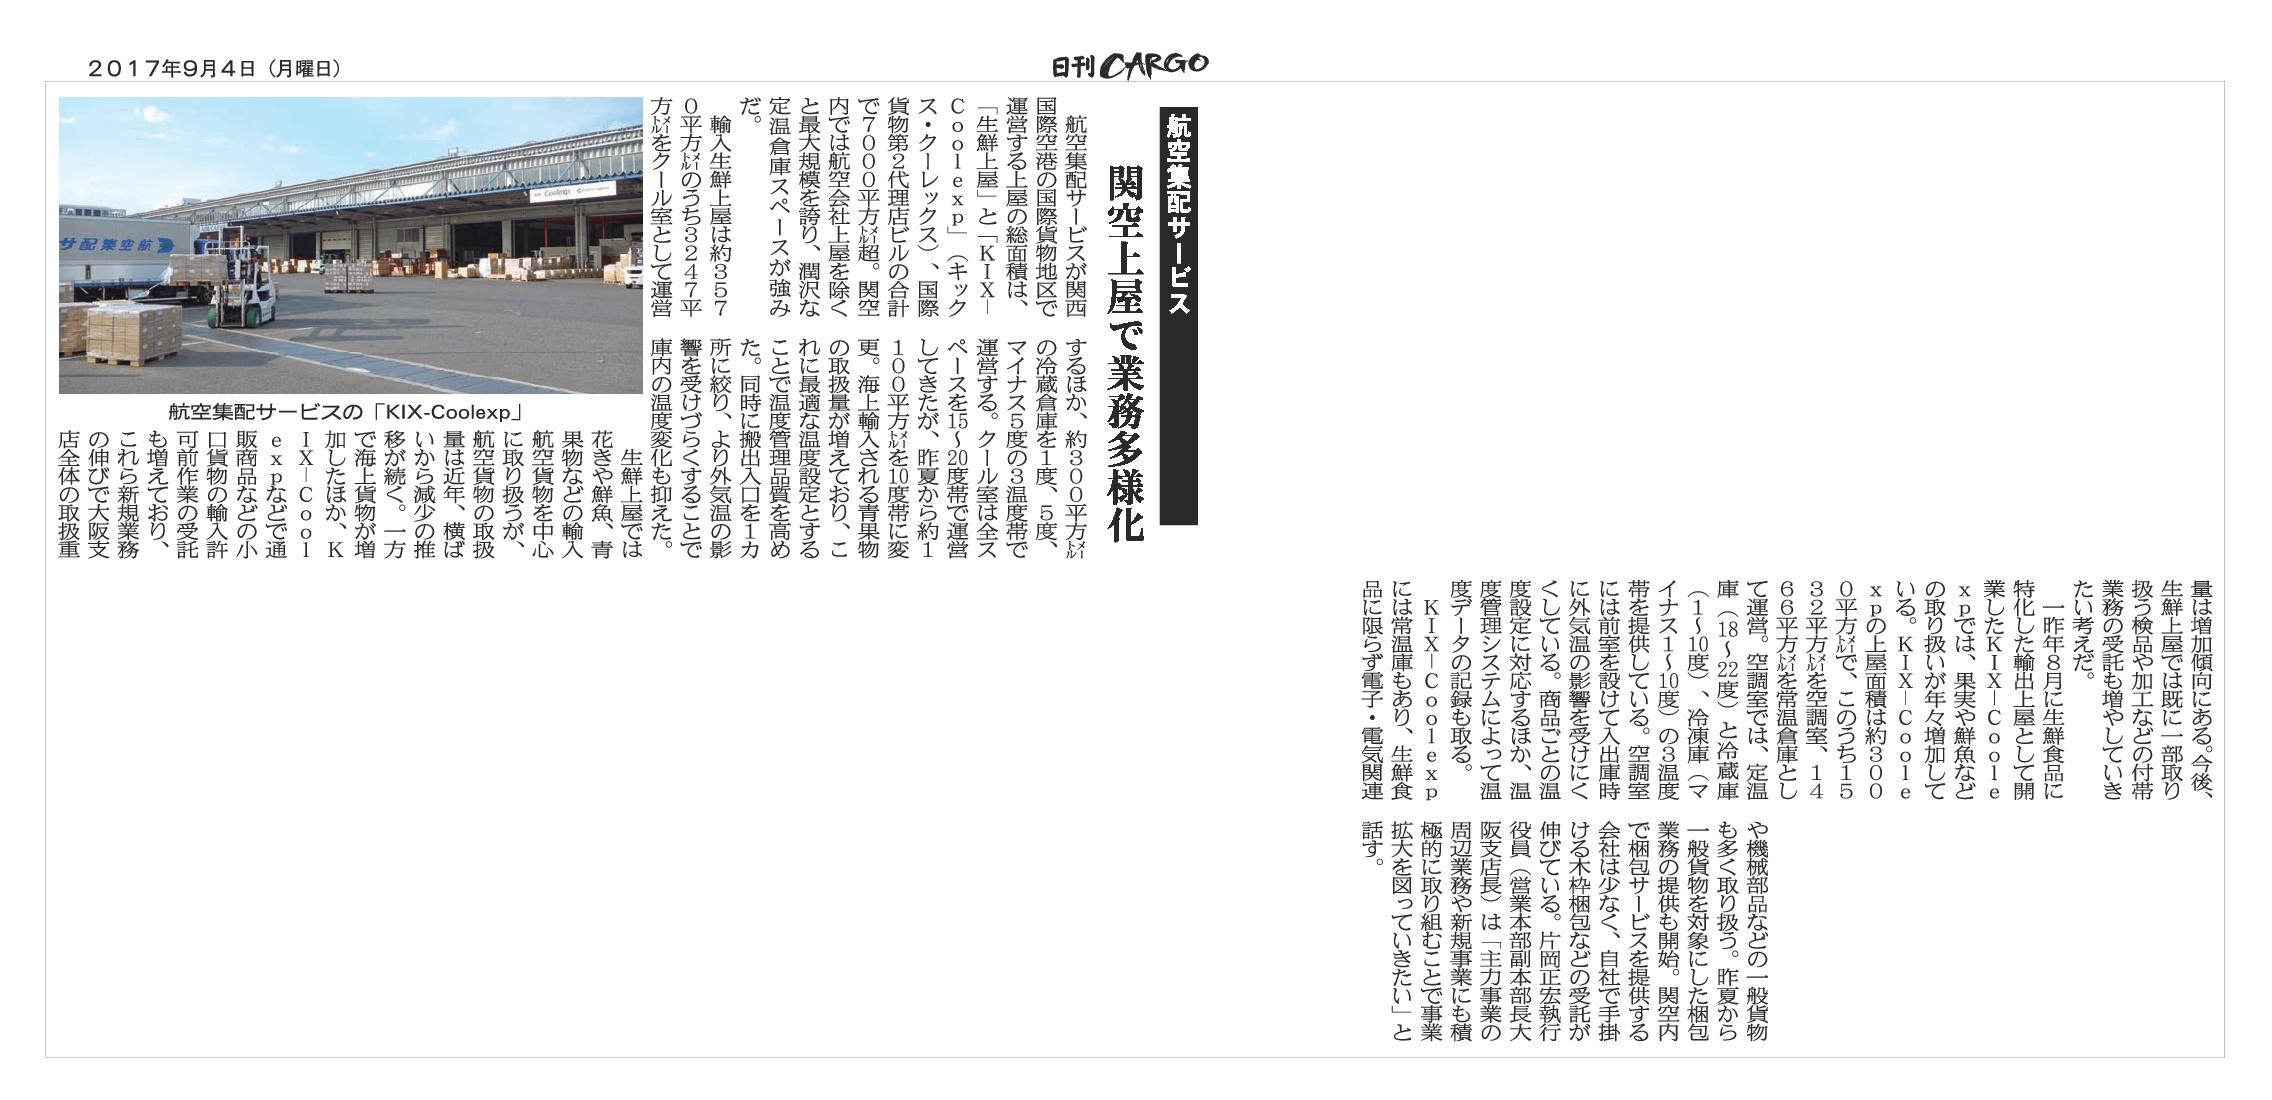 関西物流特集20170904.jpg